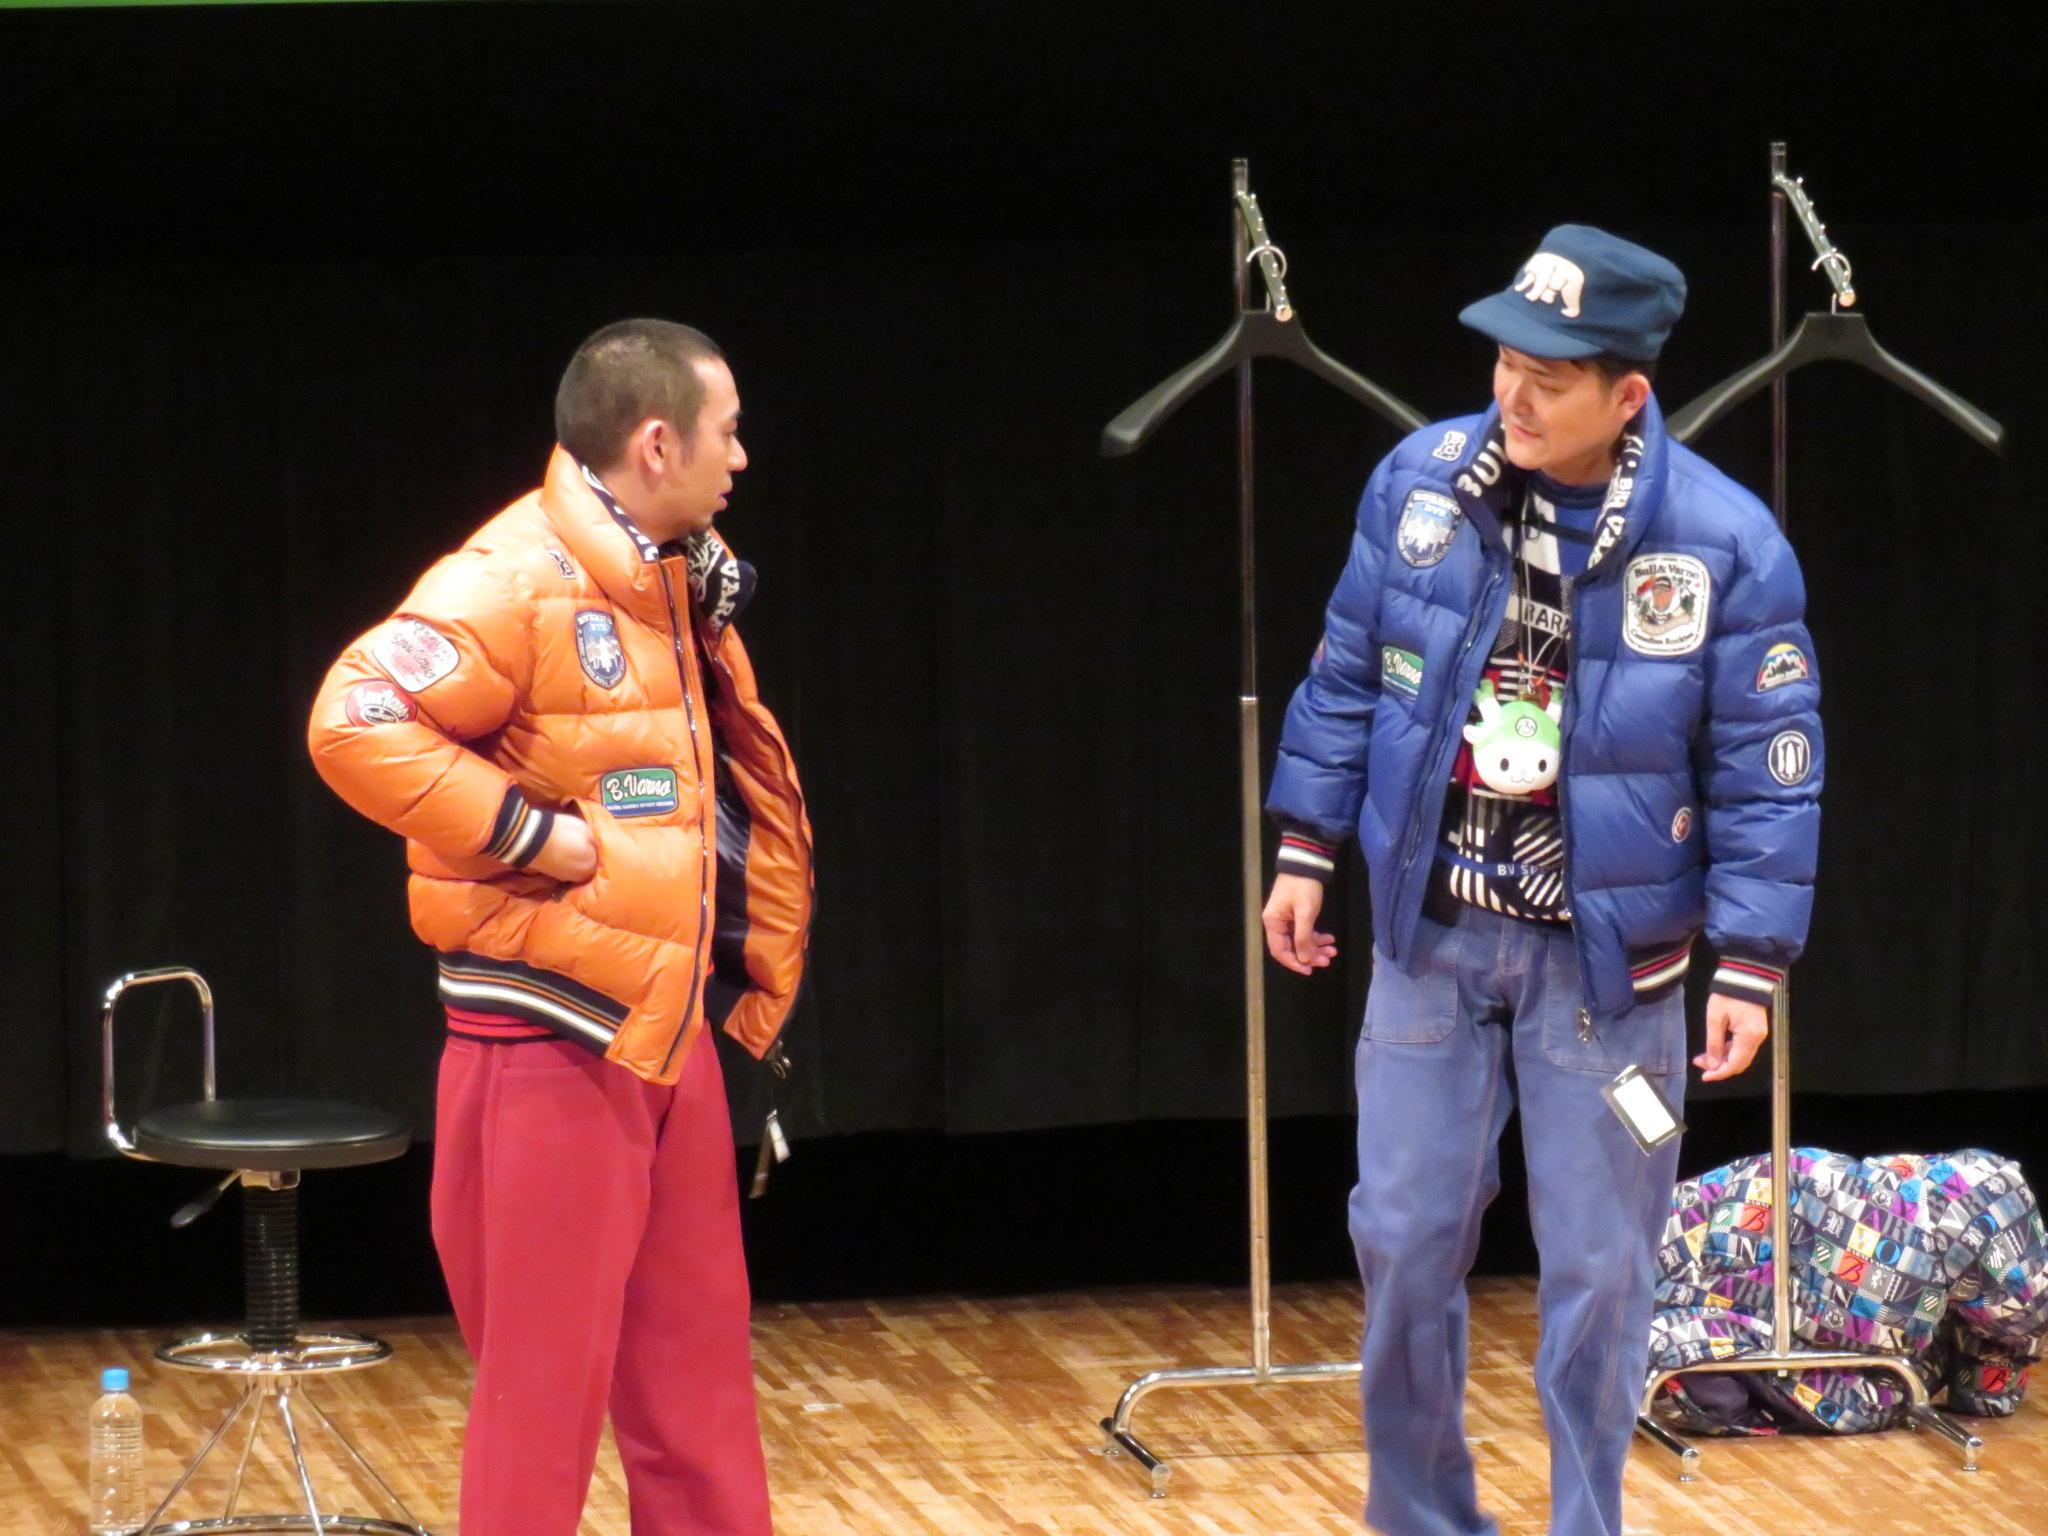 http://news.yoshimoto.co.jp/20181229113747-61bfe356ce1bdd771051f84afab49a2929e6b47a.jpg